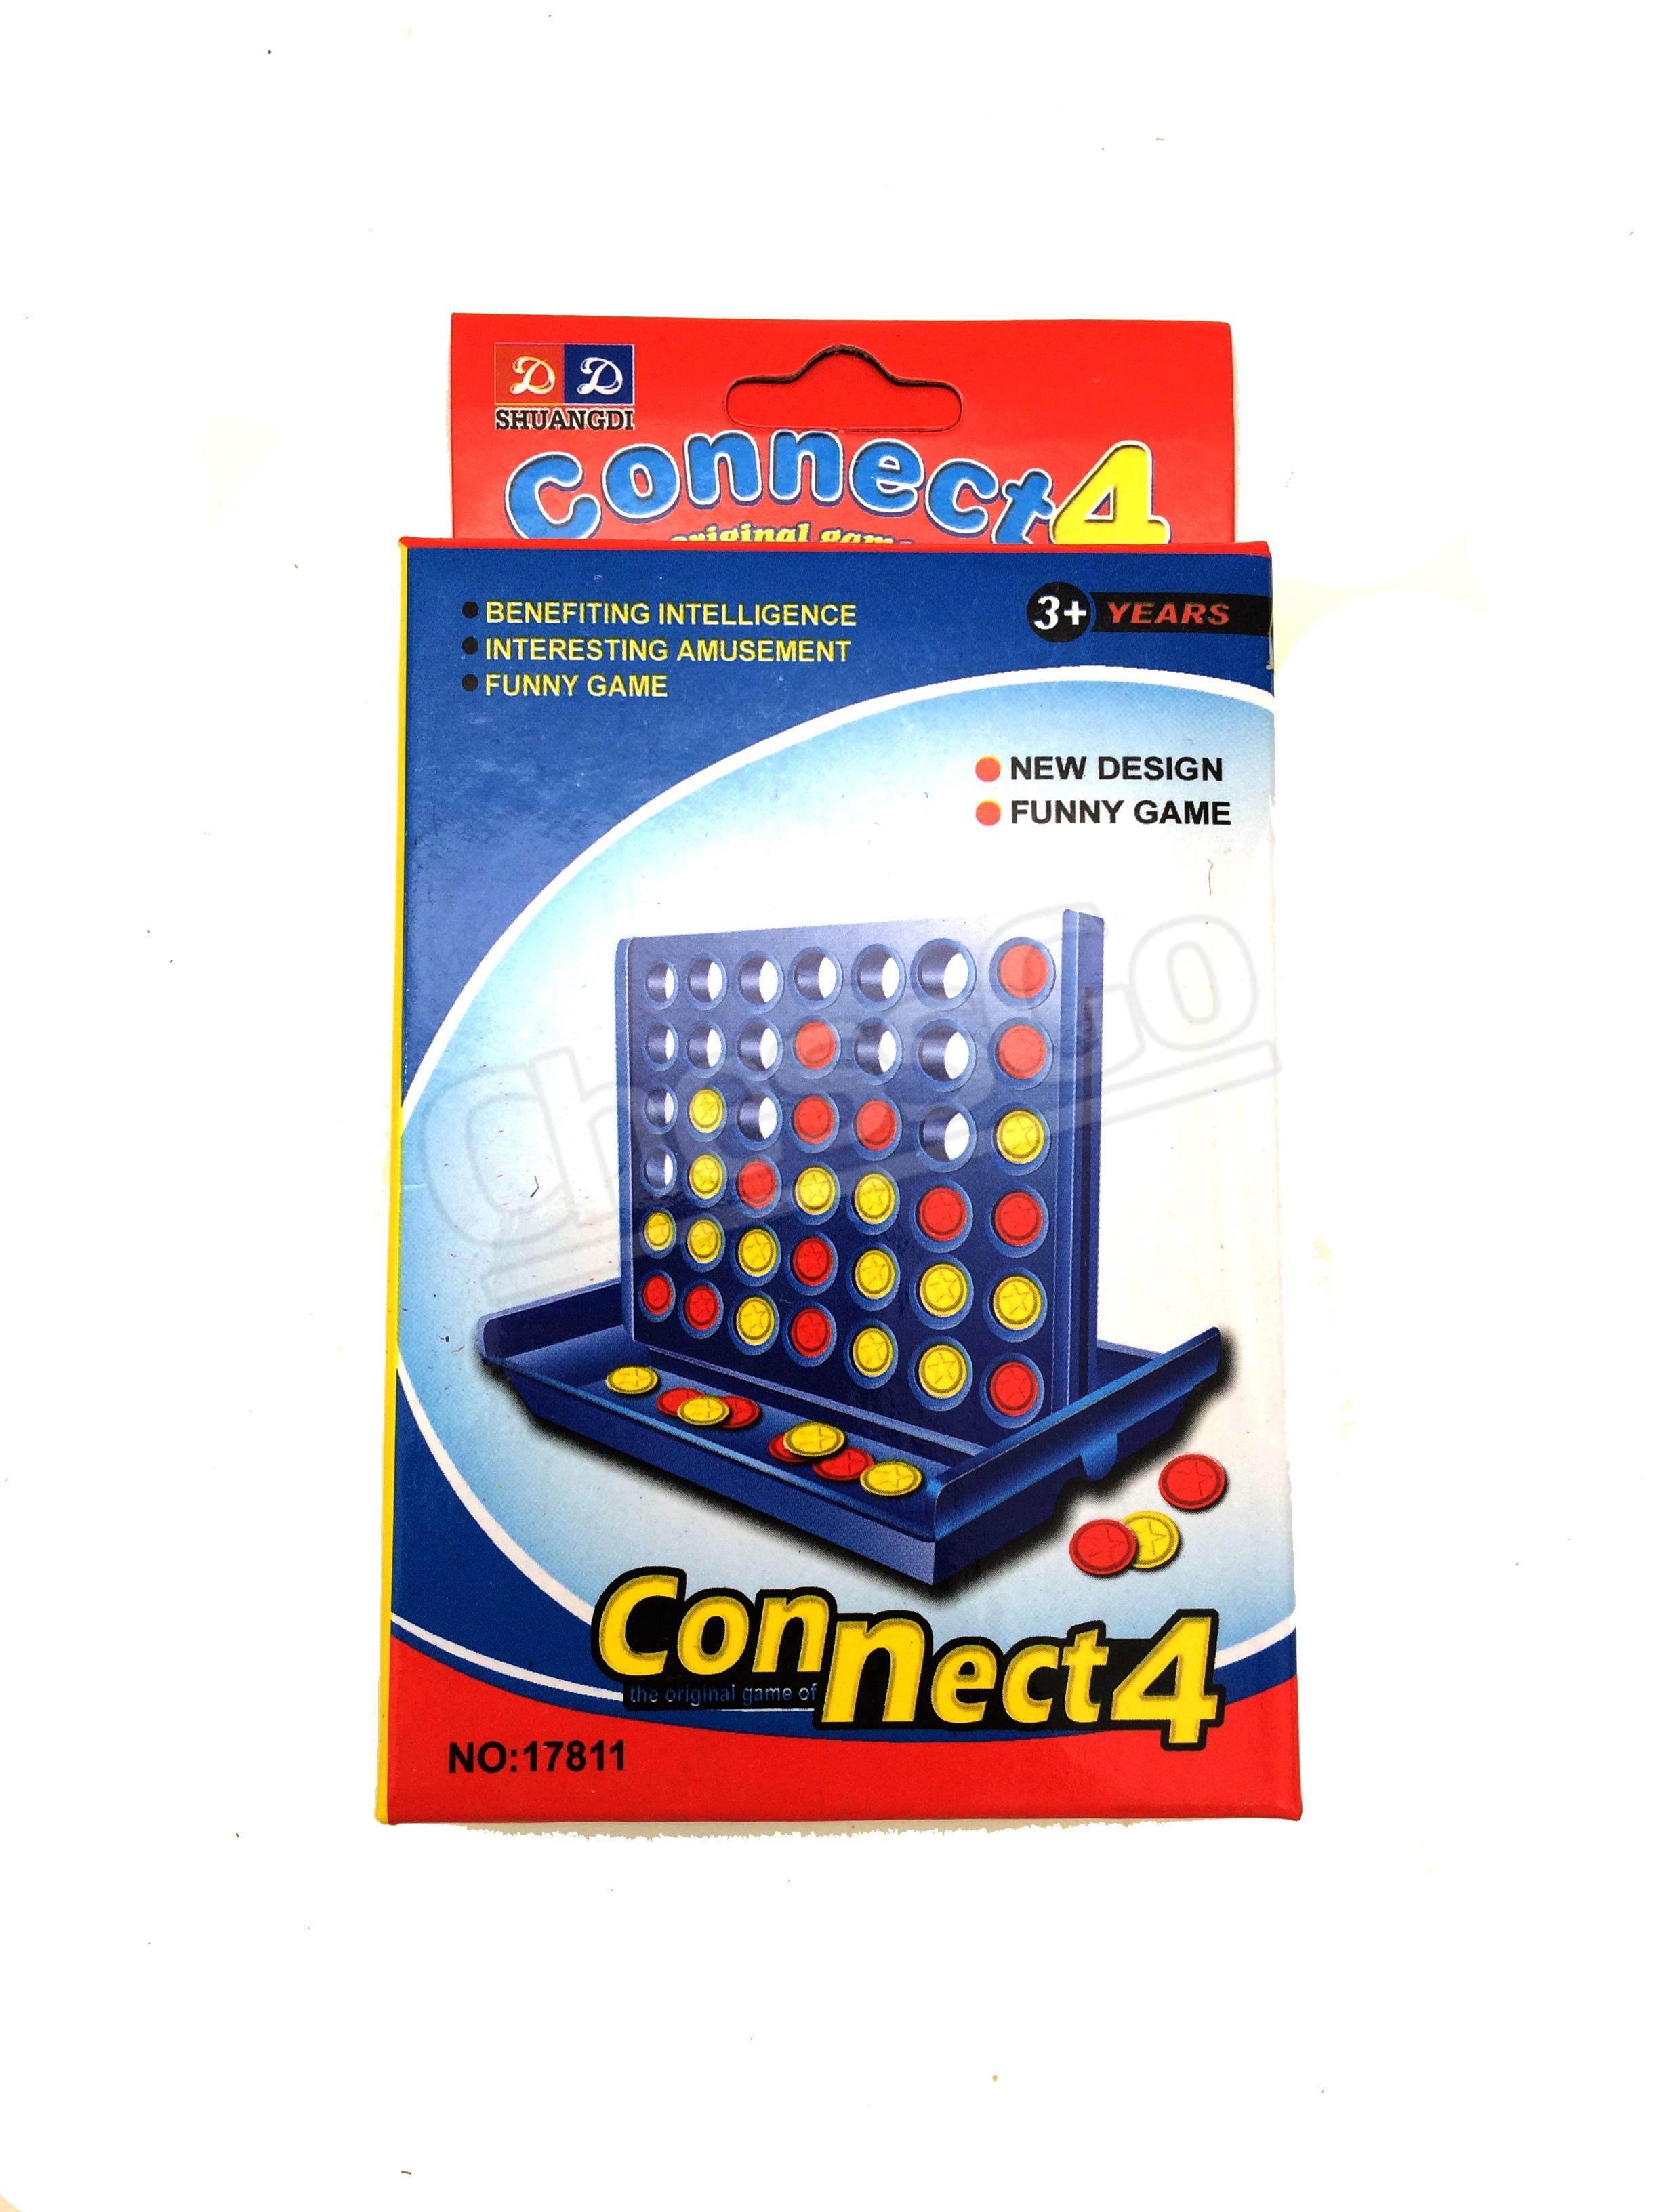 เกมเรียงสี่พลาสติก Connect 4 S